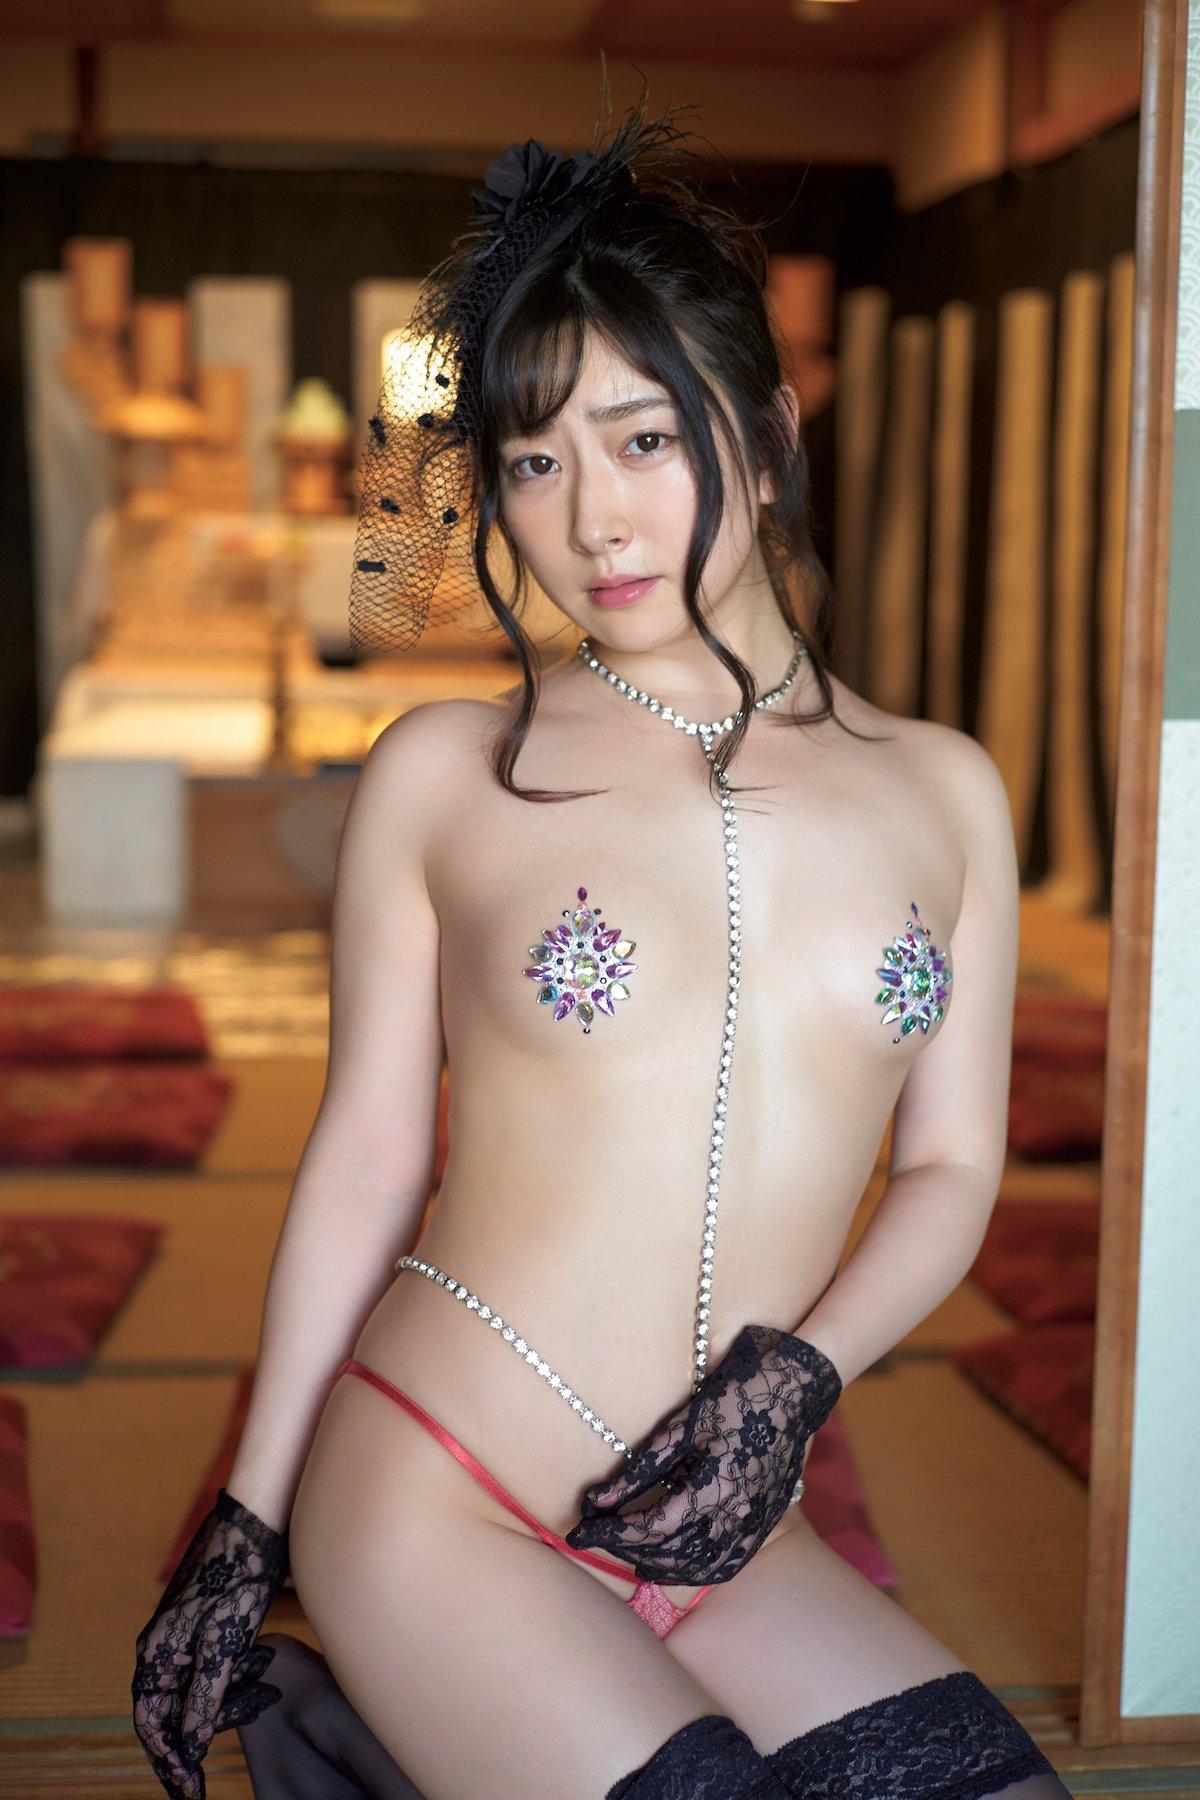 加藤圭「女優さんというのはあんまり考えてなくて。いまはやっぱり、いまの路線だけでいいかなって(笑)」【独占告白12/12】【画像42枚】の画像004